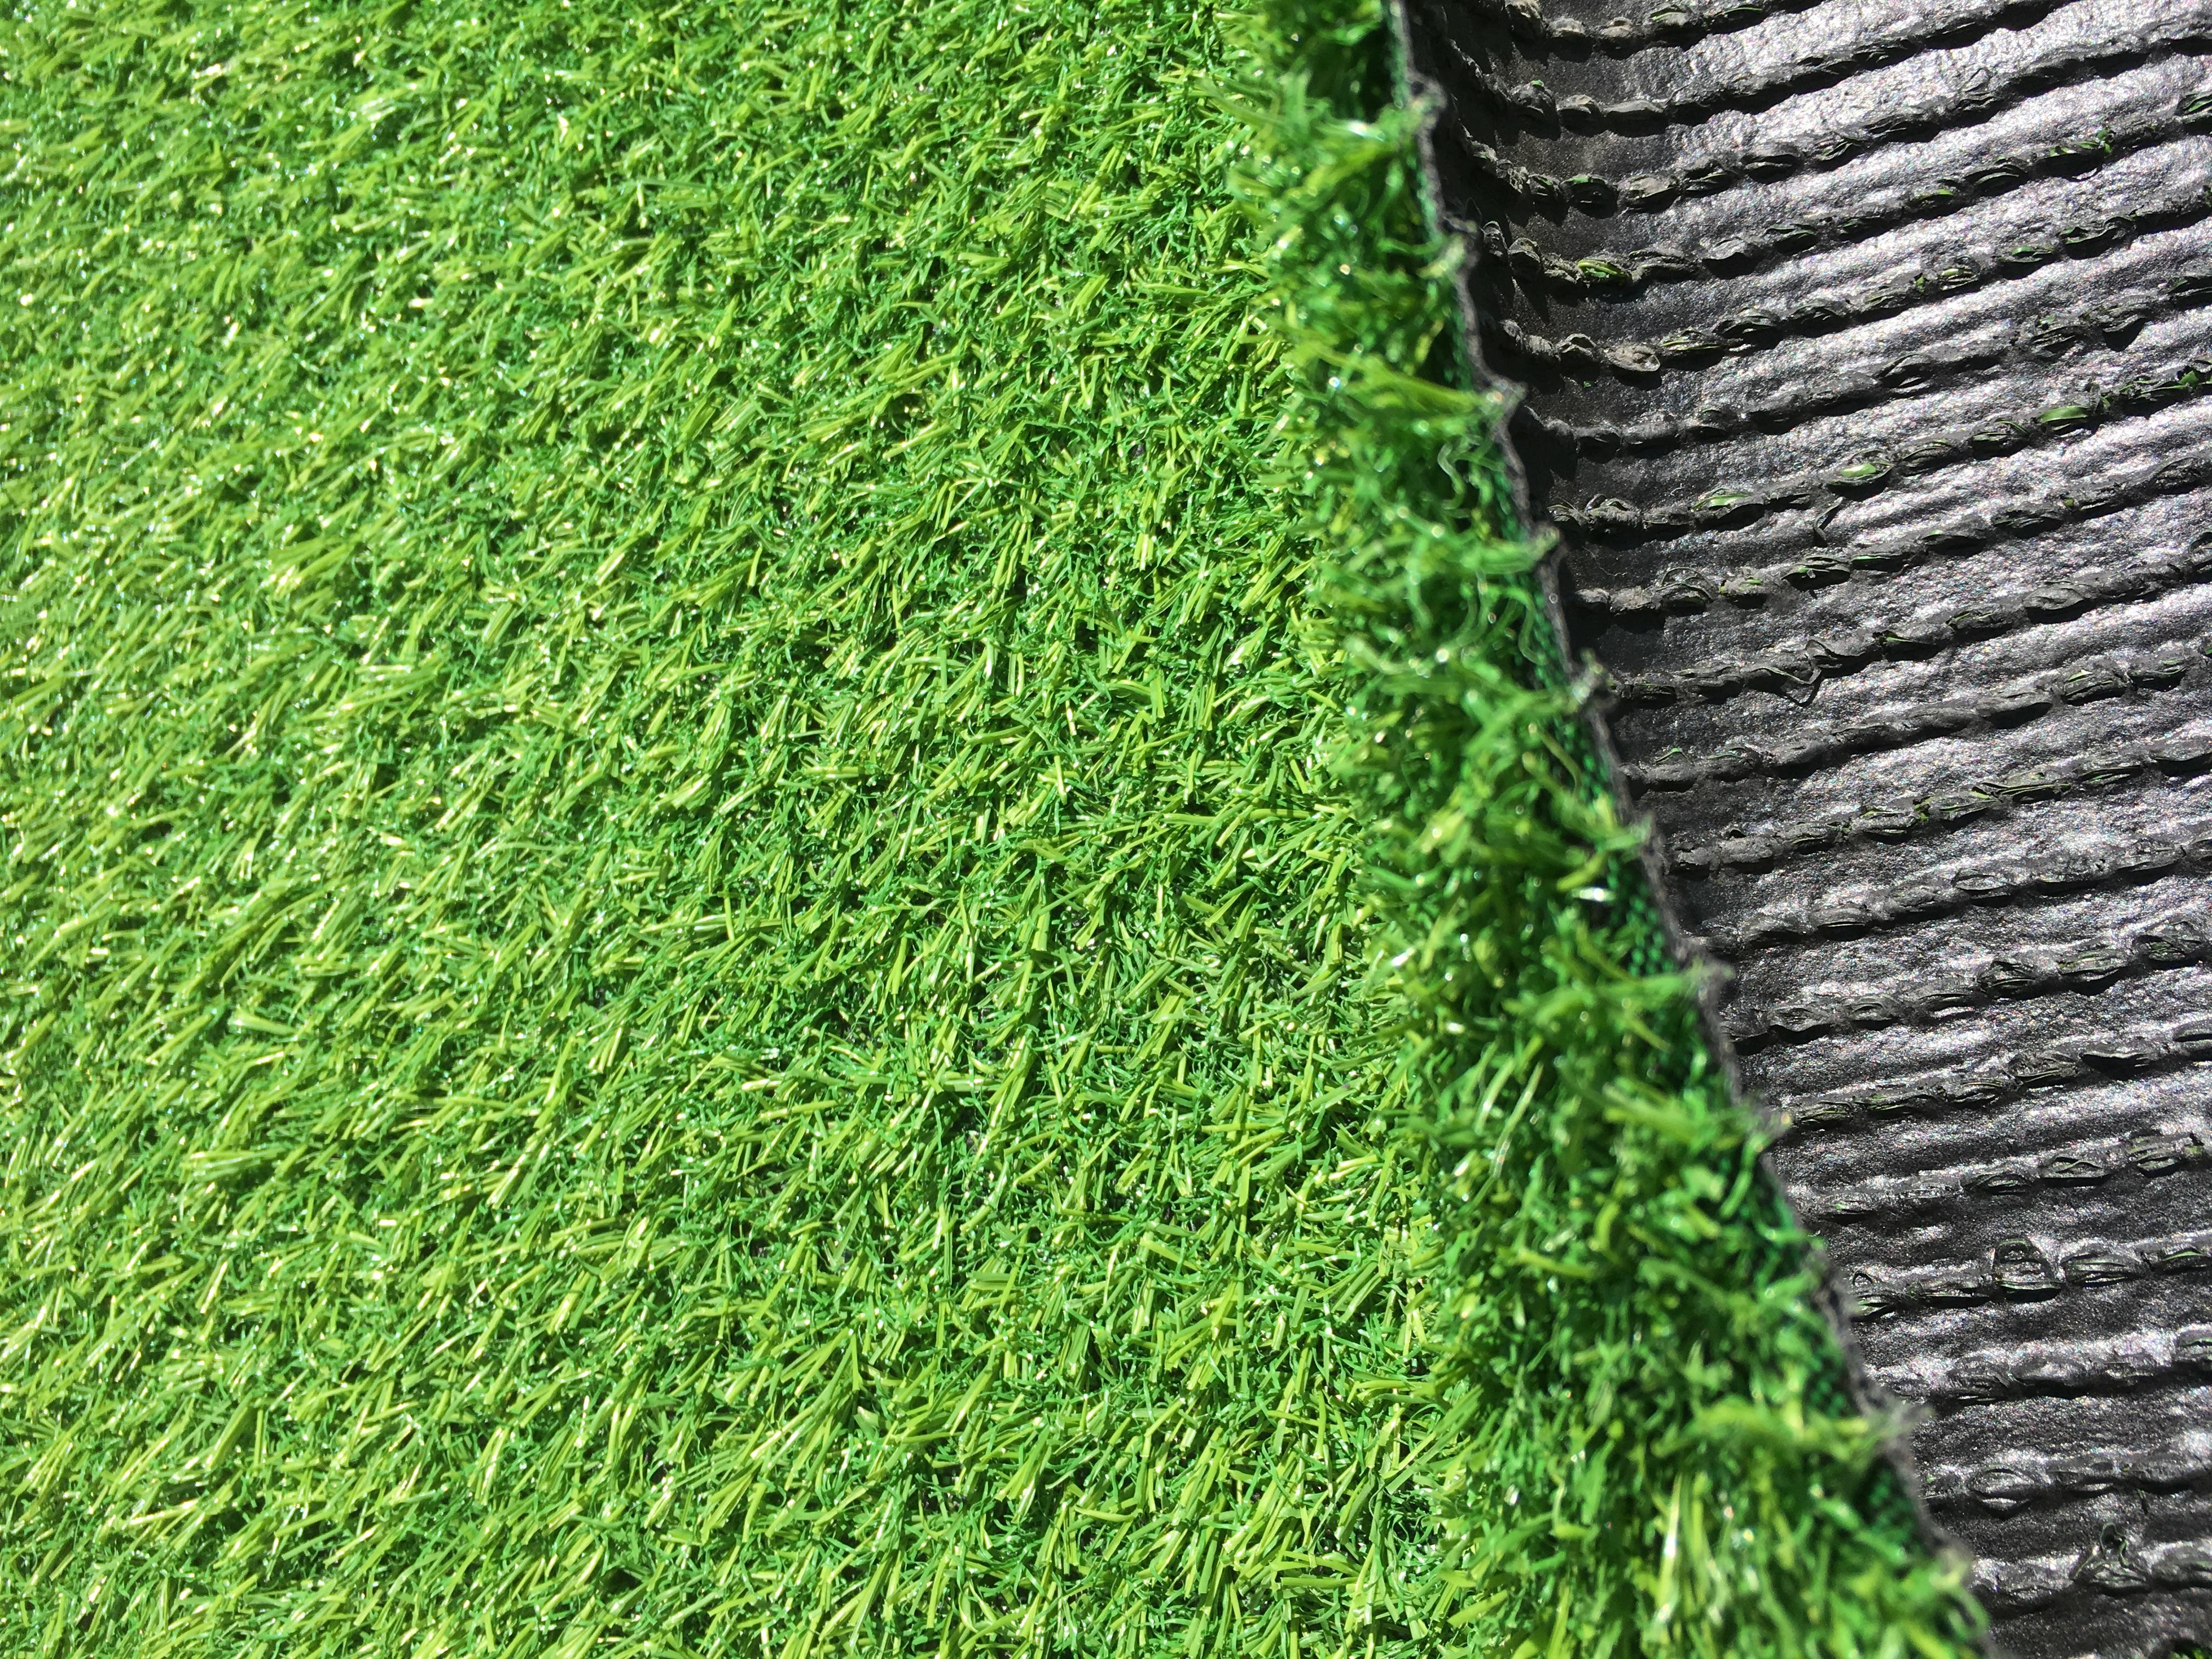 Covor Iarba Artificiala, Tip Gazon, Verde, Tropicana, 100% Polipropilena, 10 mm, 200x400 cm 3